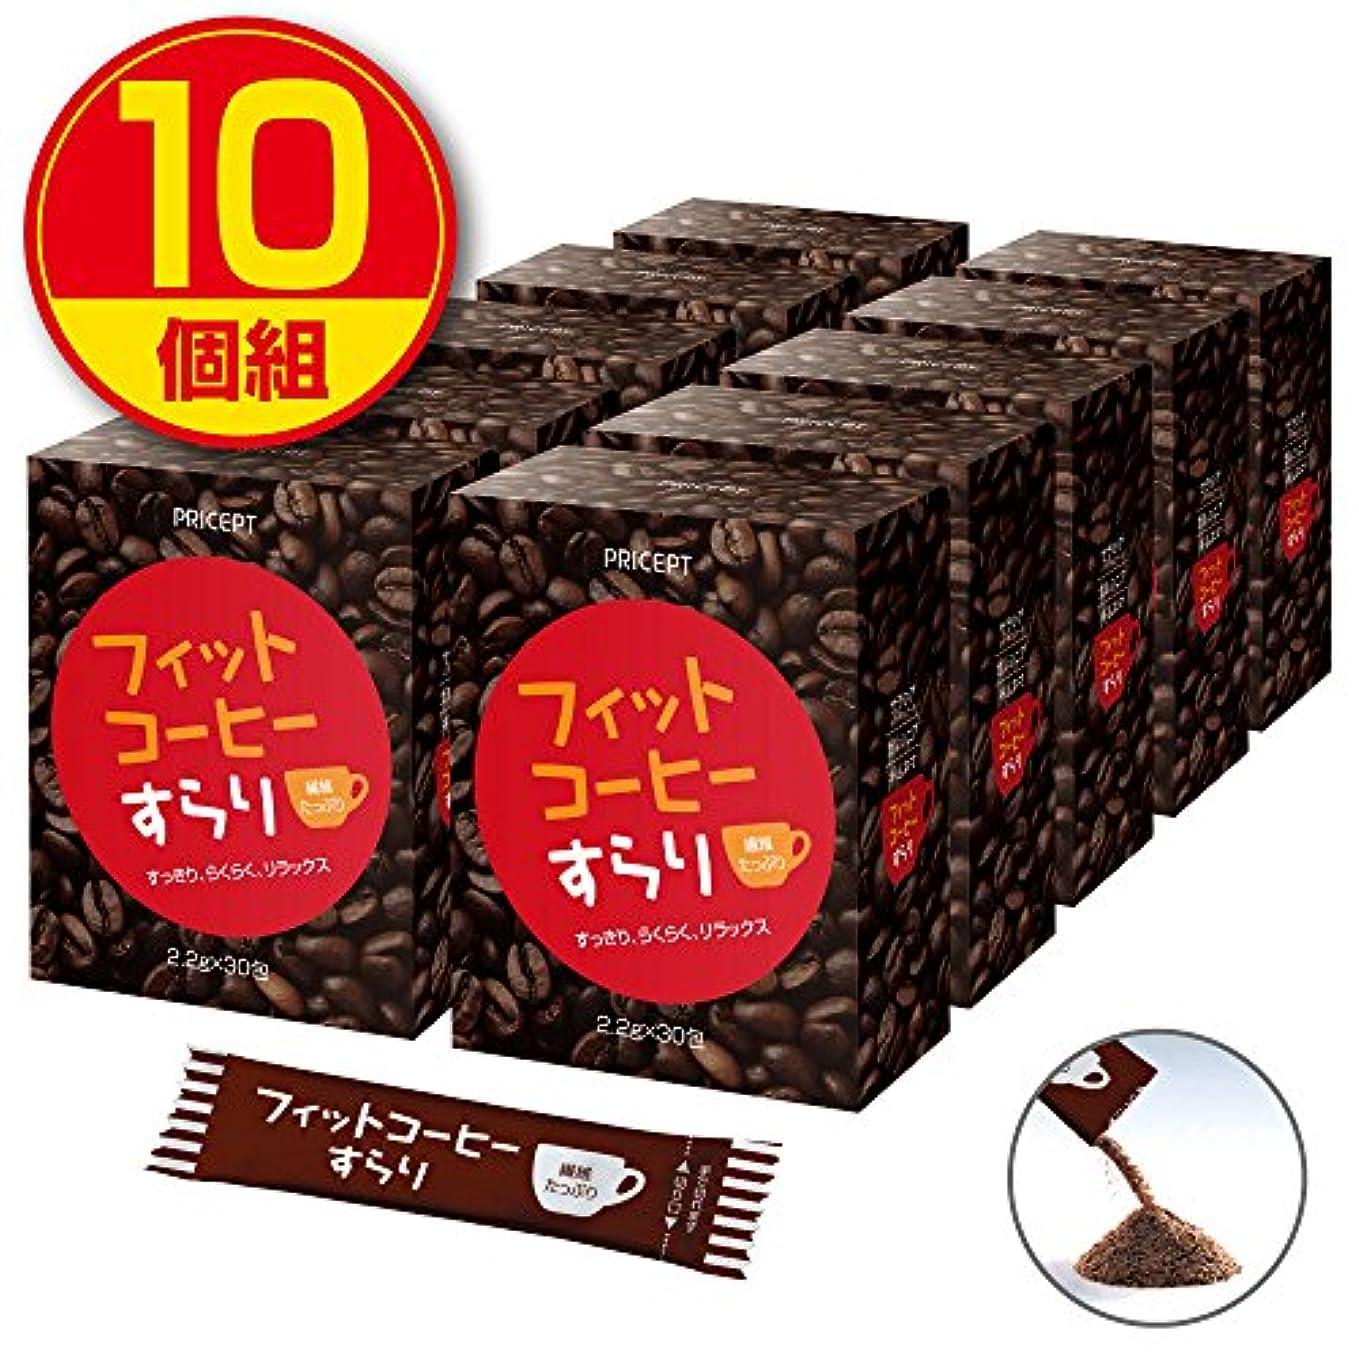 ロデオオプショナルゴムプリセプト フィットコーヒーすらり 30包【10個組(300包)】(ダイエットサポートコーヒー)